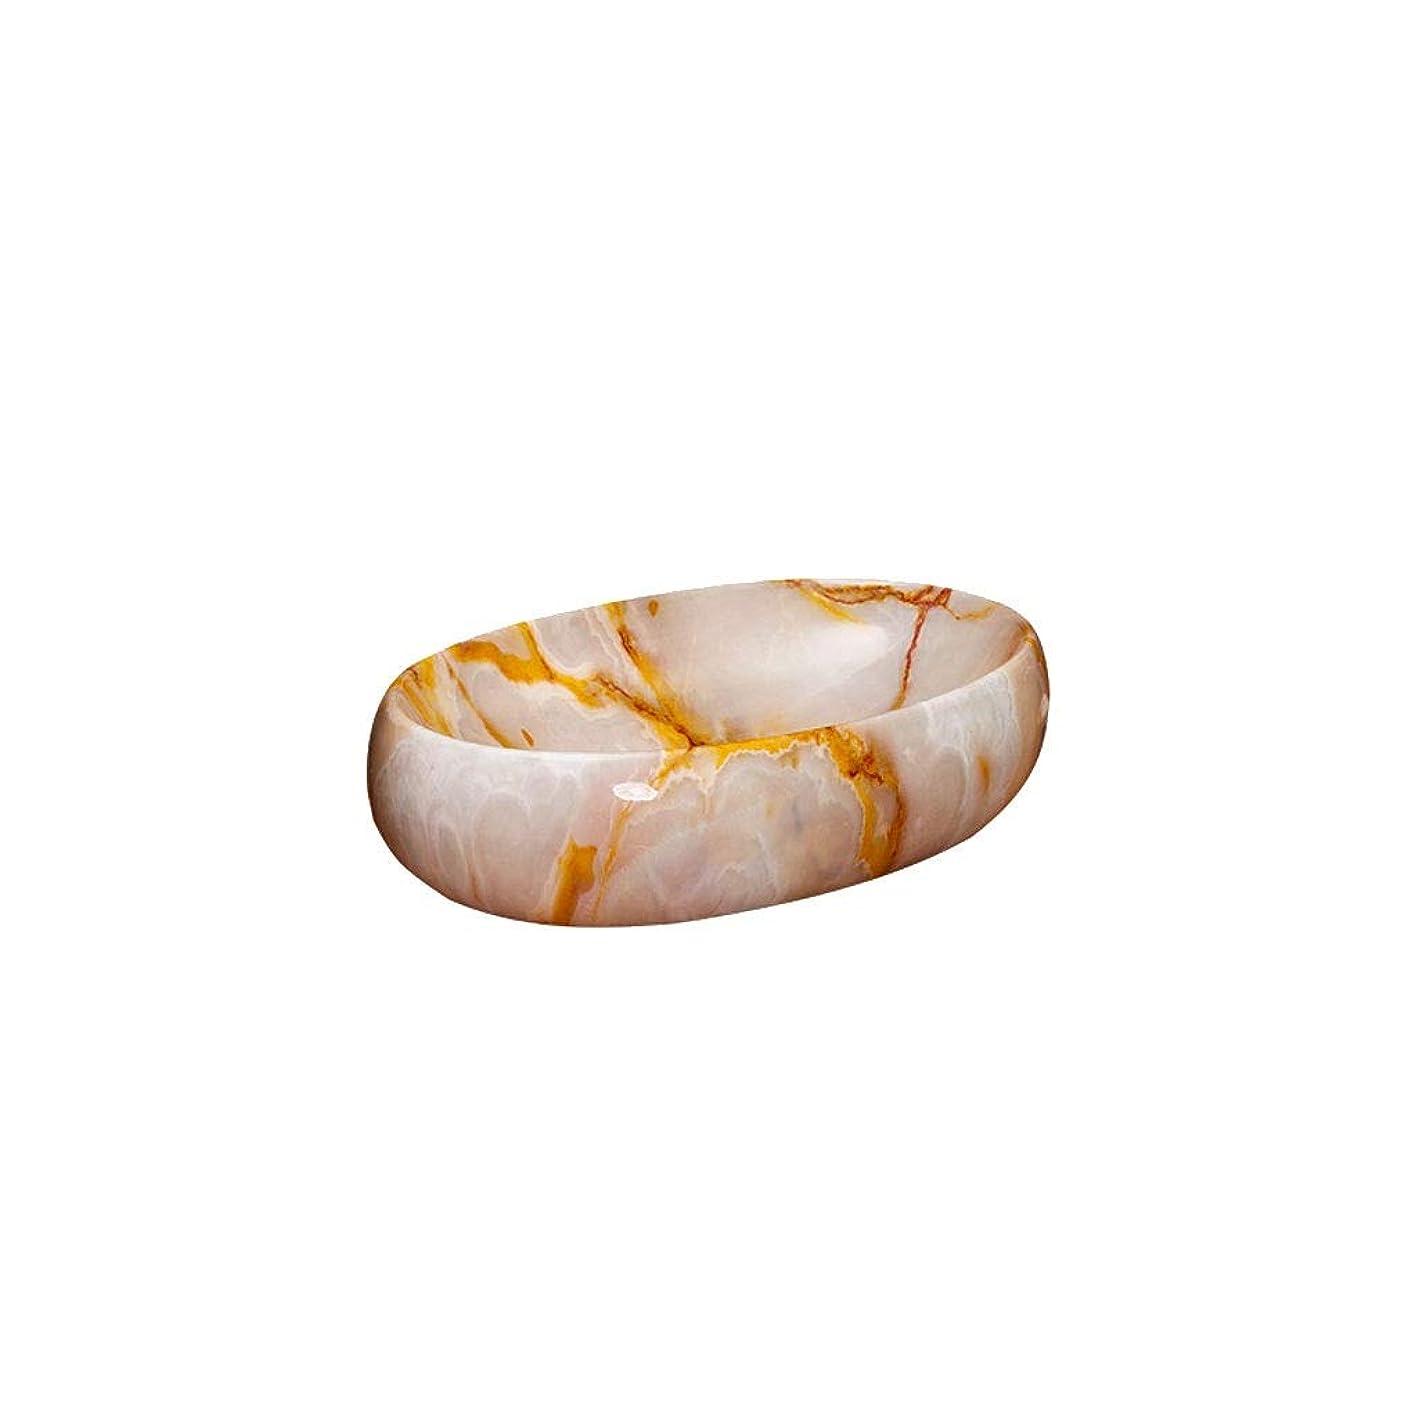 内部想像する自分を引き上げるWei Zhe バスルームの洗面小さなアパートの家シンプルな多目的厚いセラミックオンボードの浴室の洗面台バルコニーの洗濯プールのバスルーム洗面63x43x15cm トイレタリー (Size : 63x43x15cm)